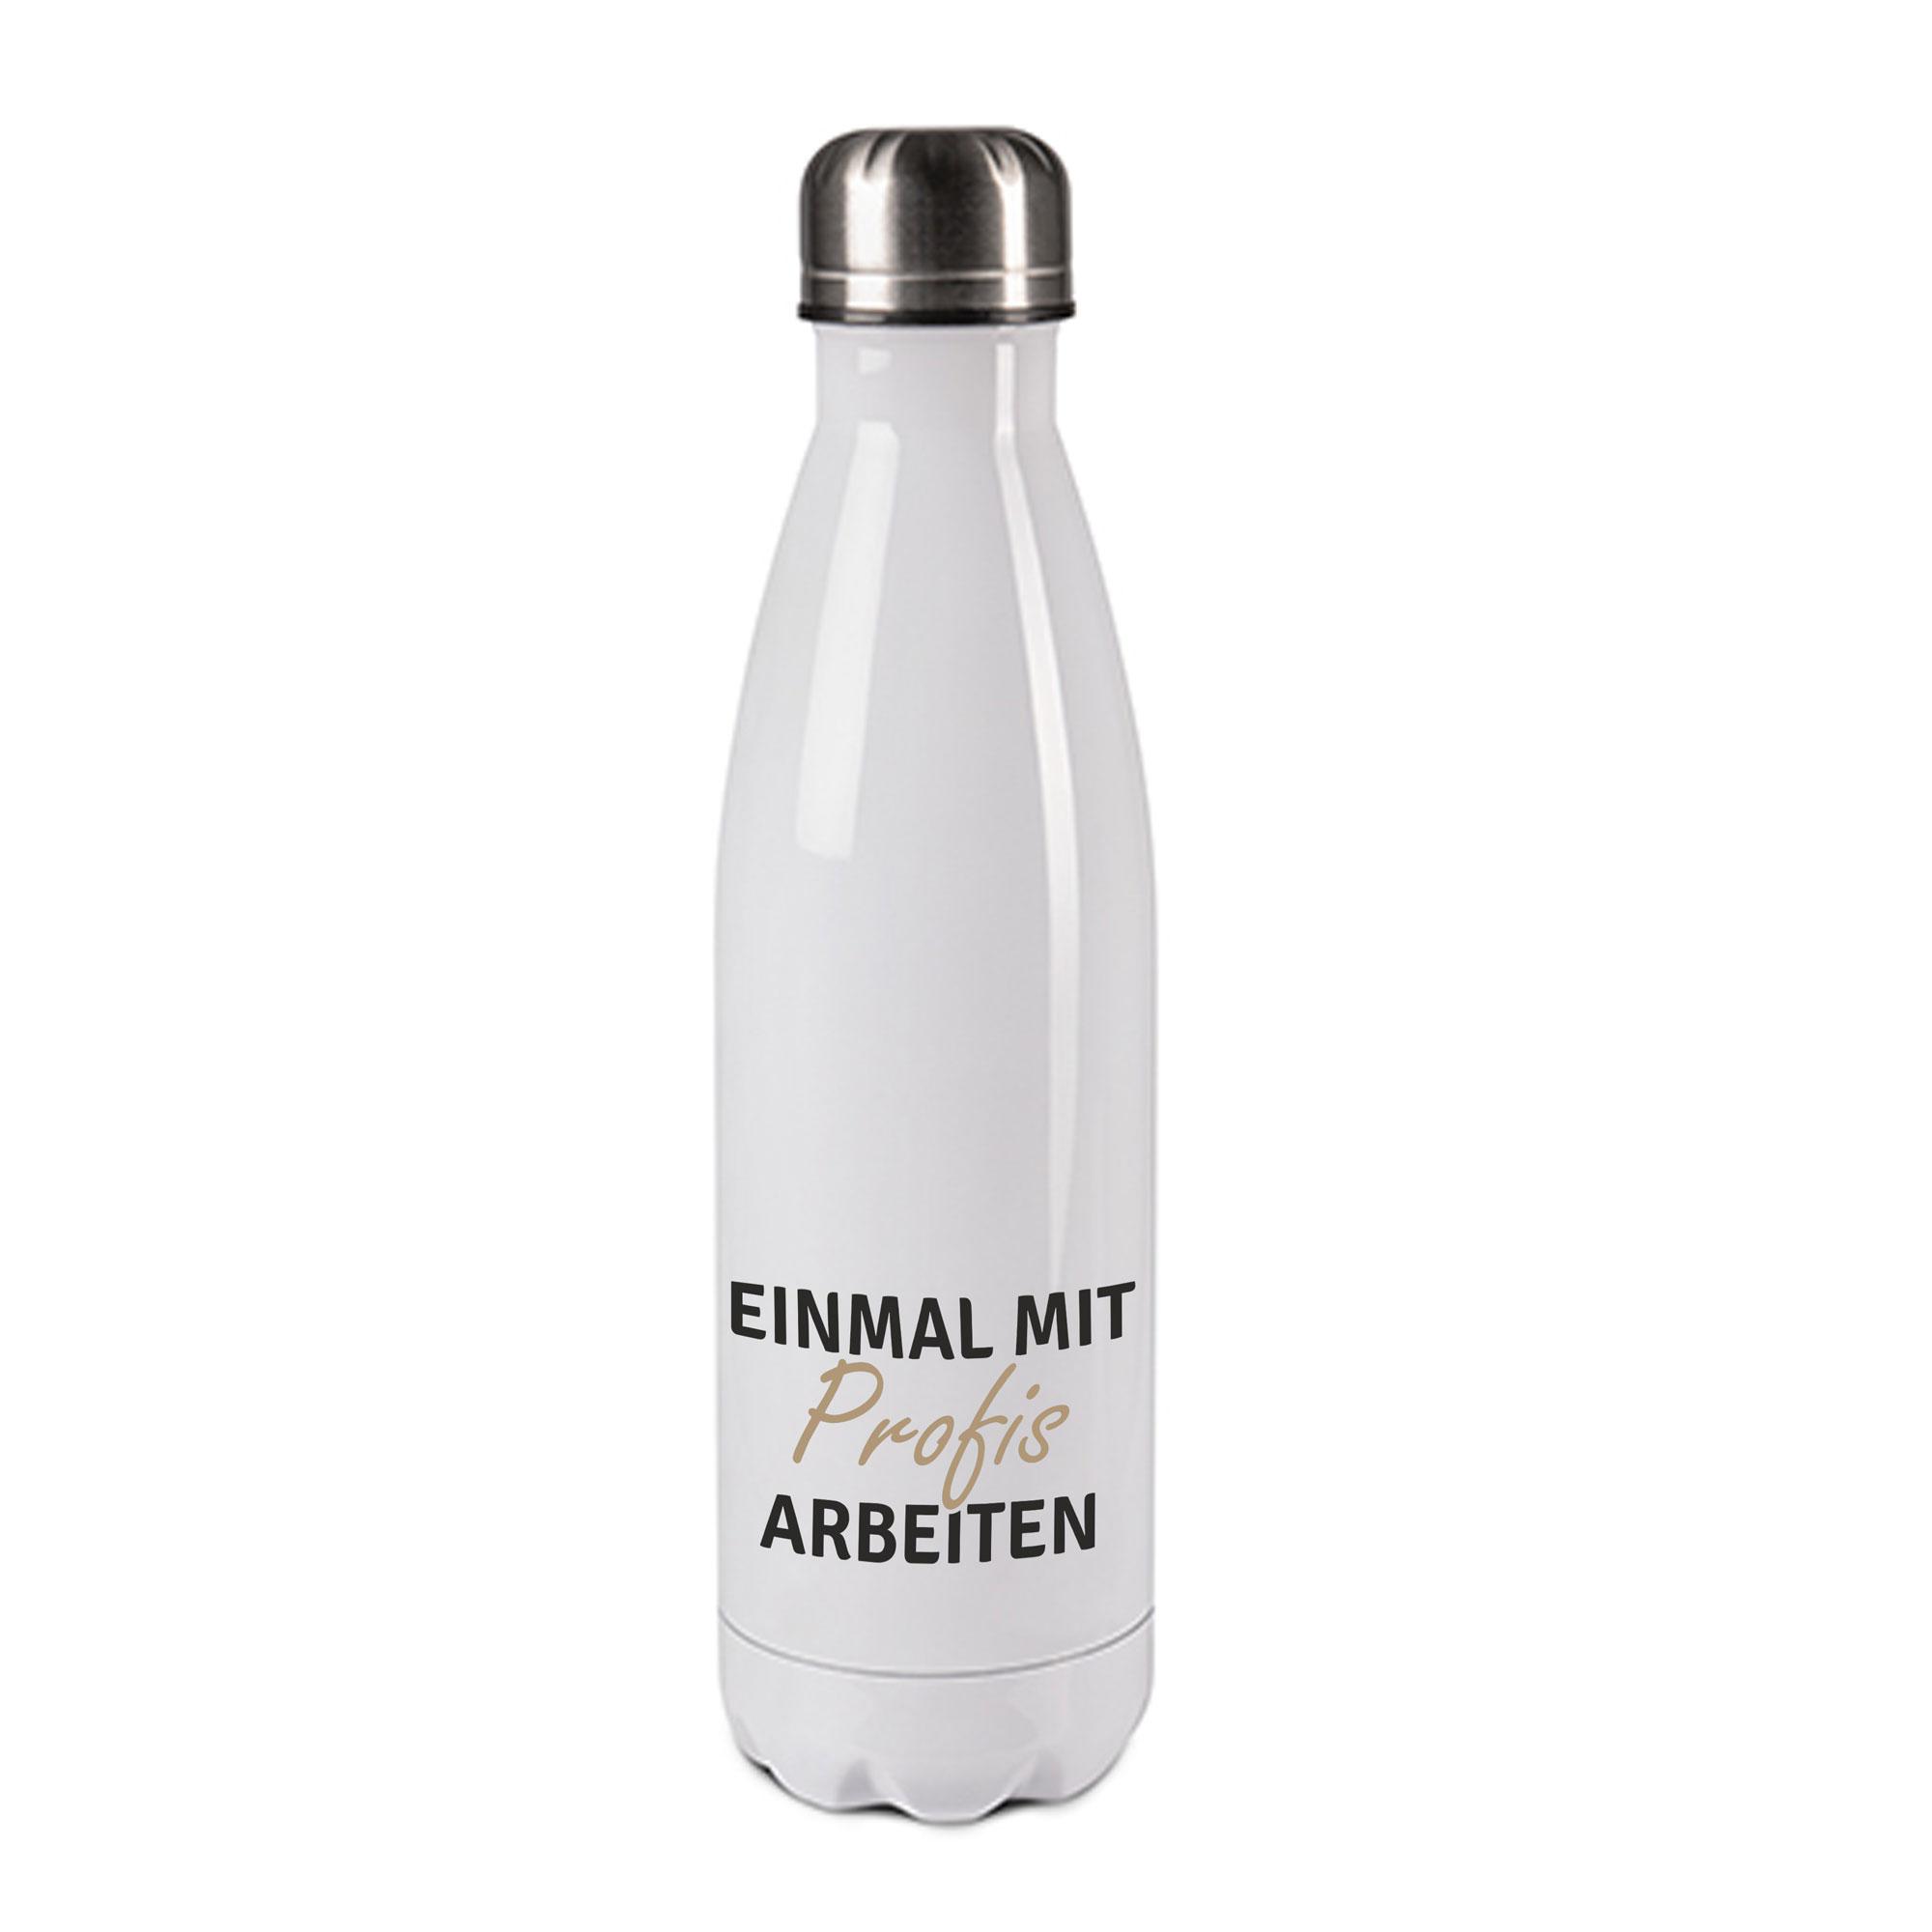 Edelstahl-Thermosflasche weiß/weiß mit Druck: EINMAL MIT PROFIS ARBEITEN